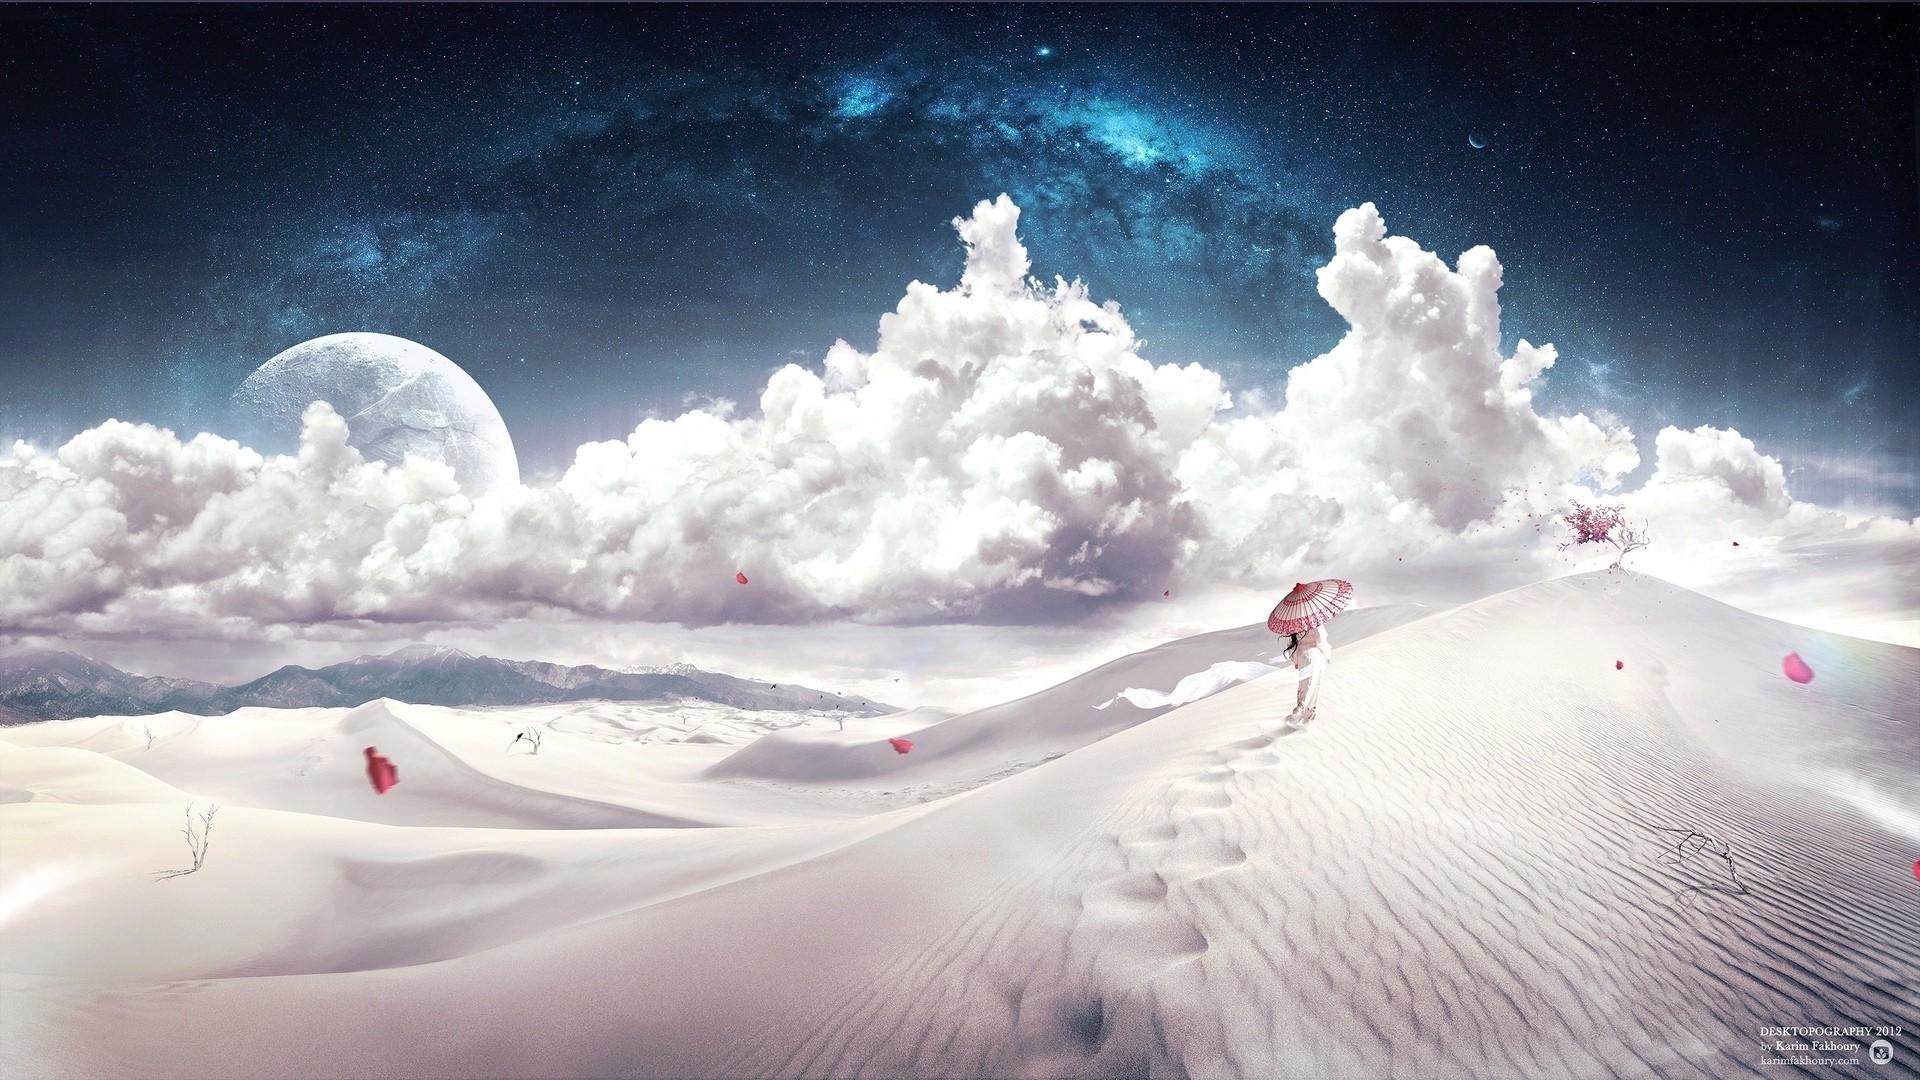 Heaven hd desktop wallpaper